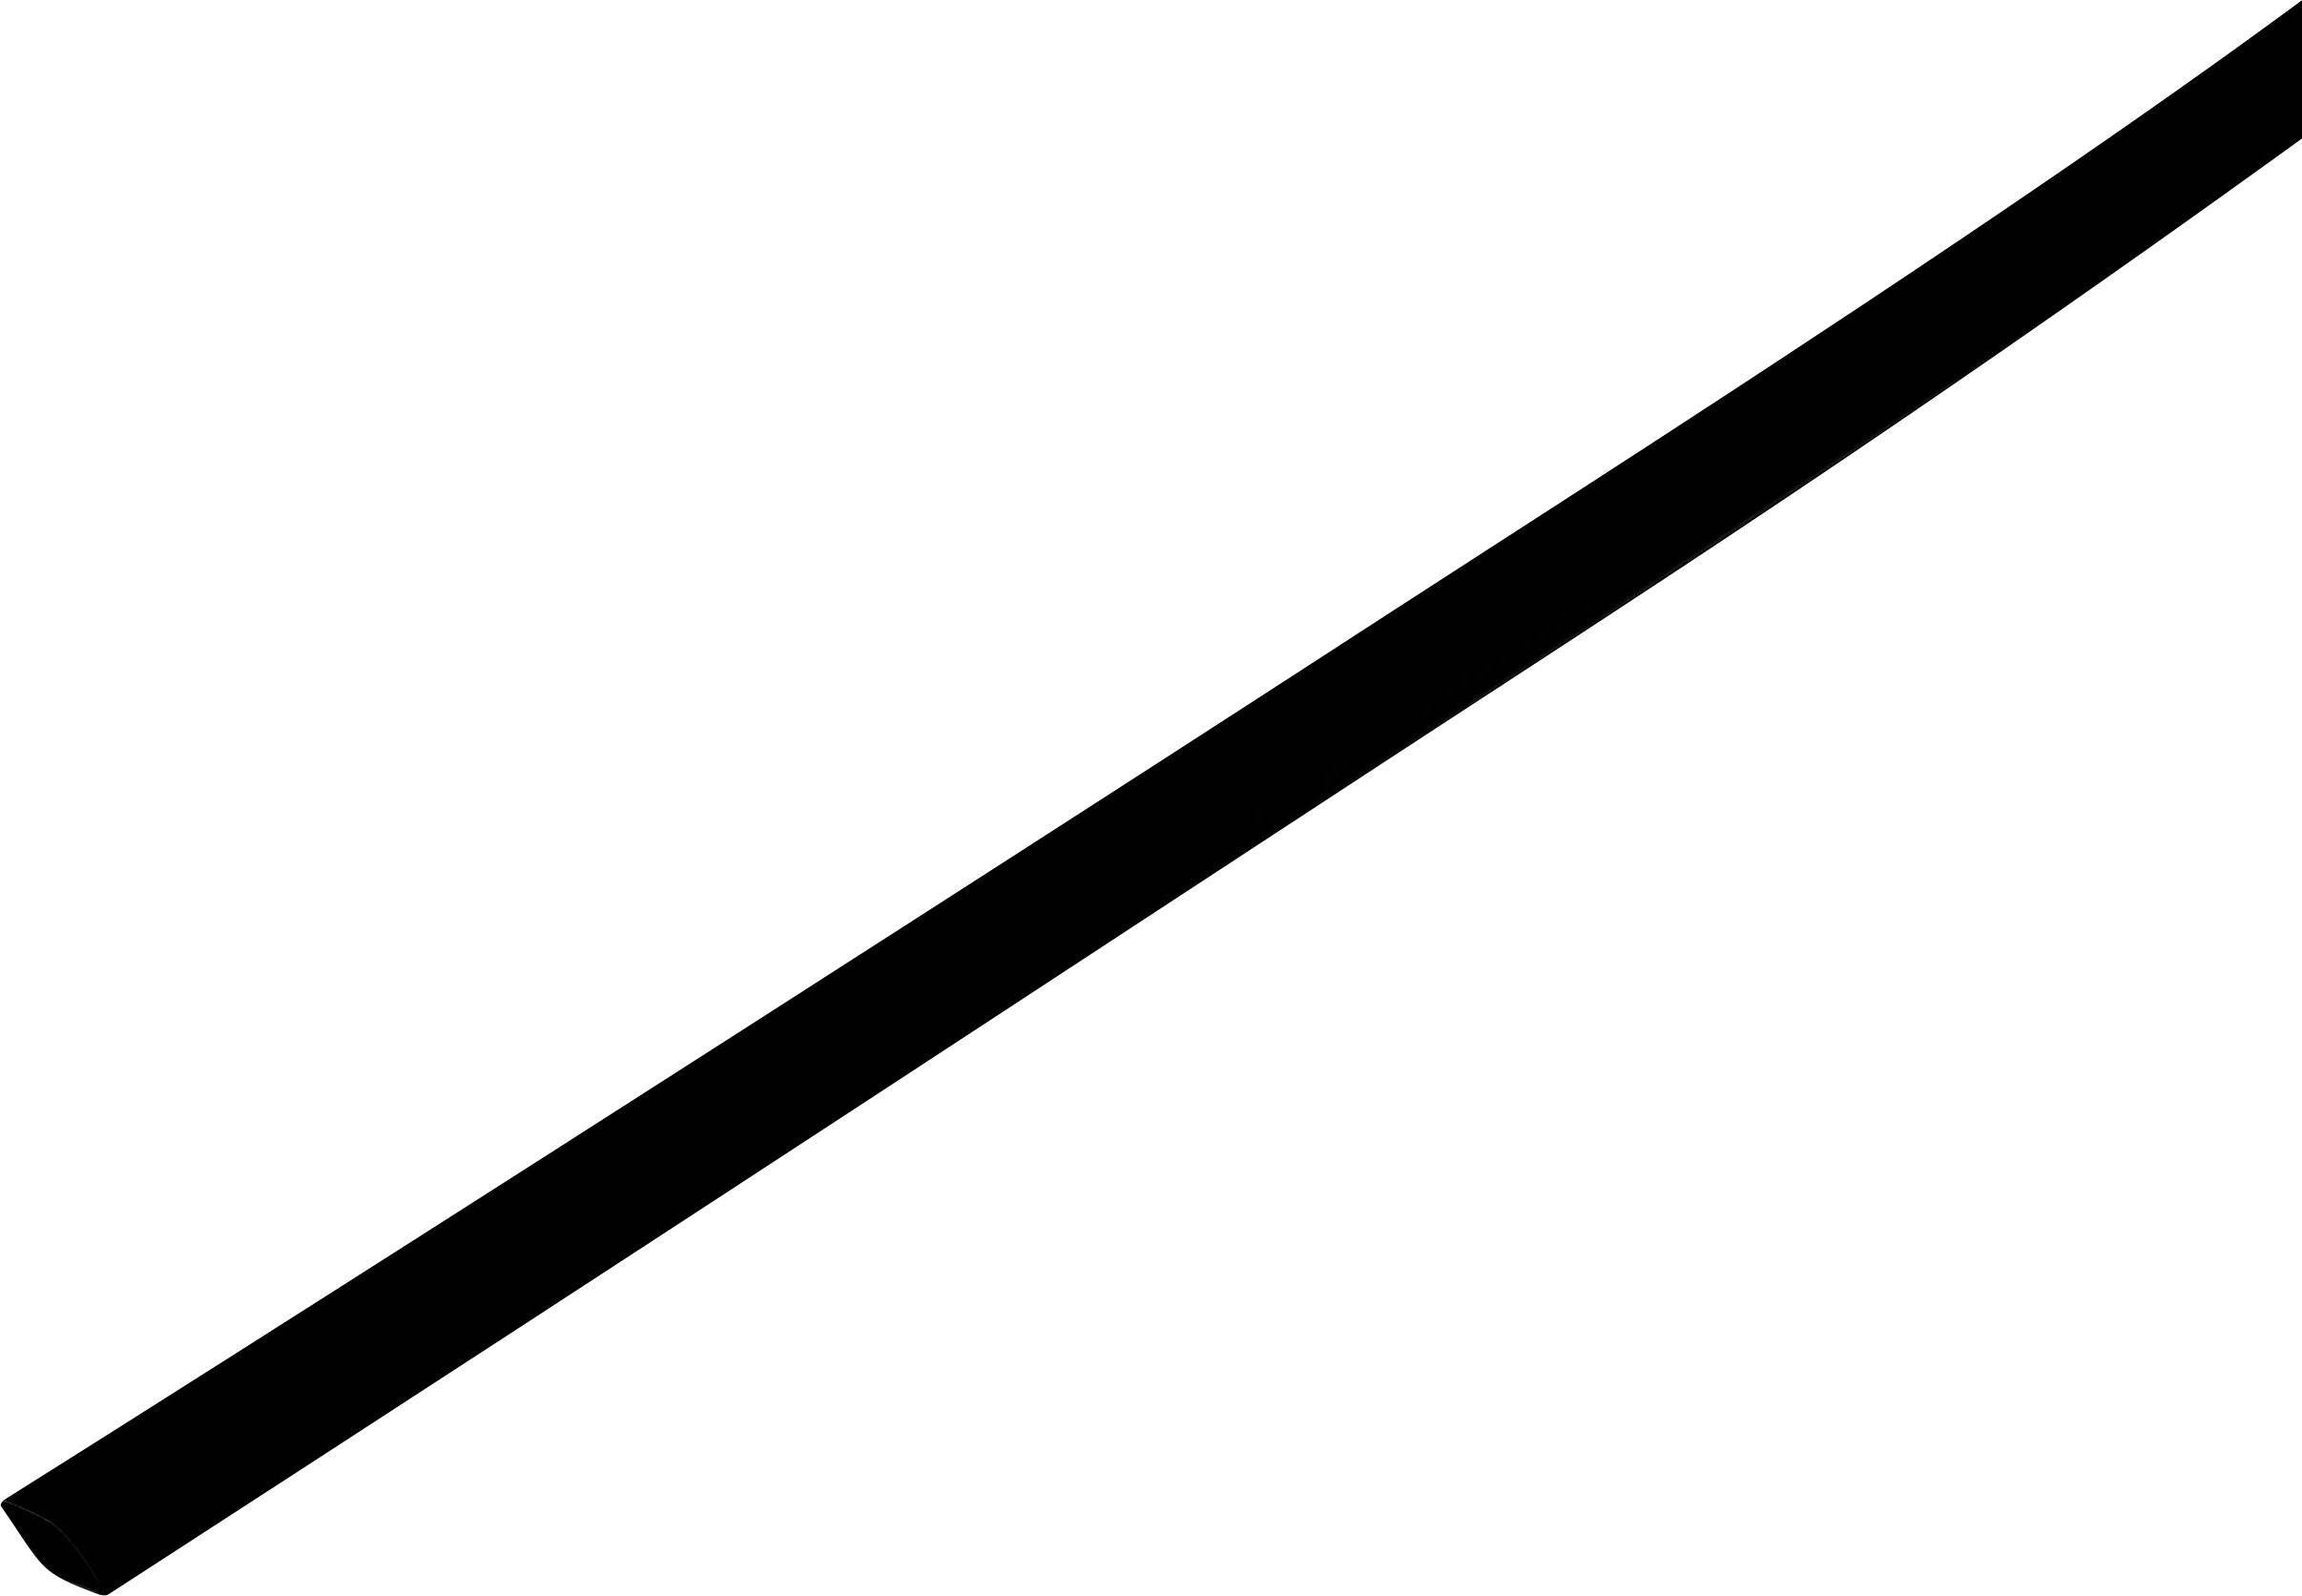 Zmršťovacia bužírka bez lepidla 1225475, 2:1, 8.60 mm, čierna, metrový tovar